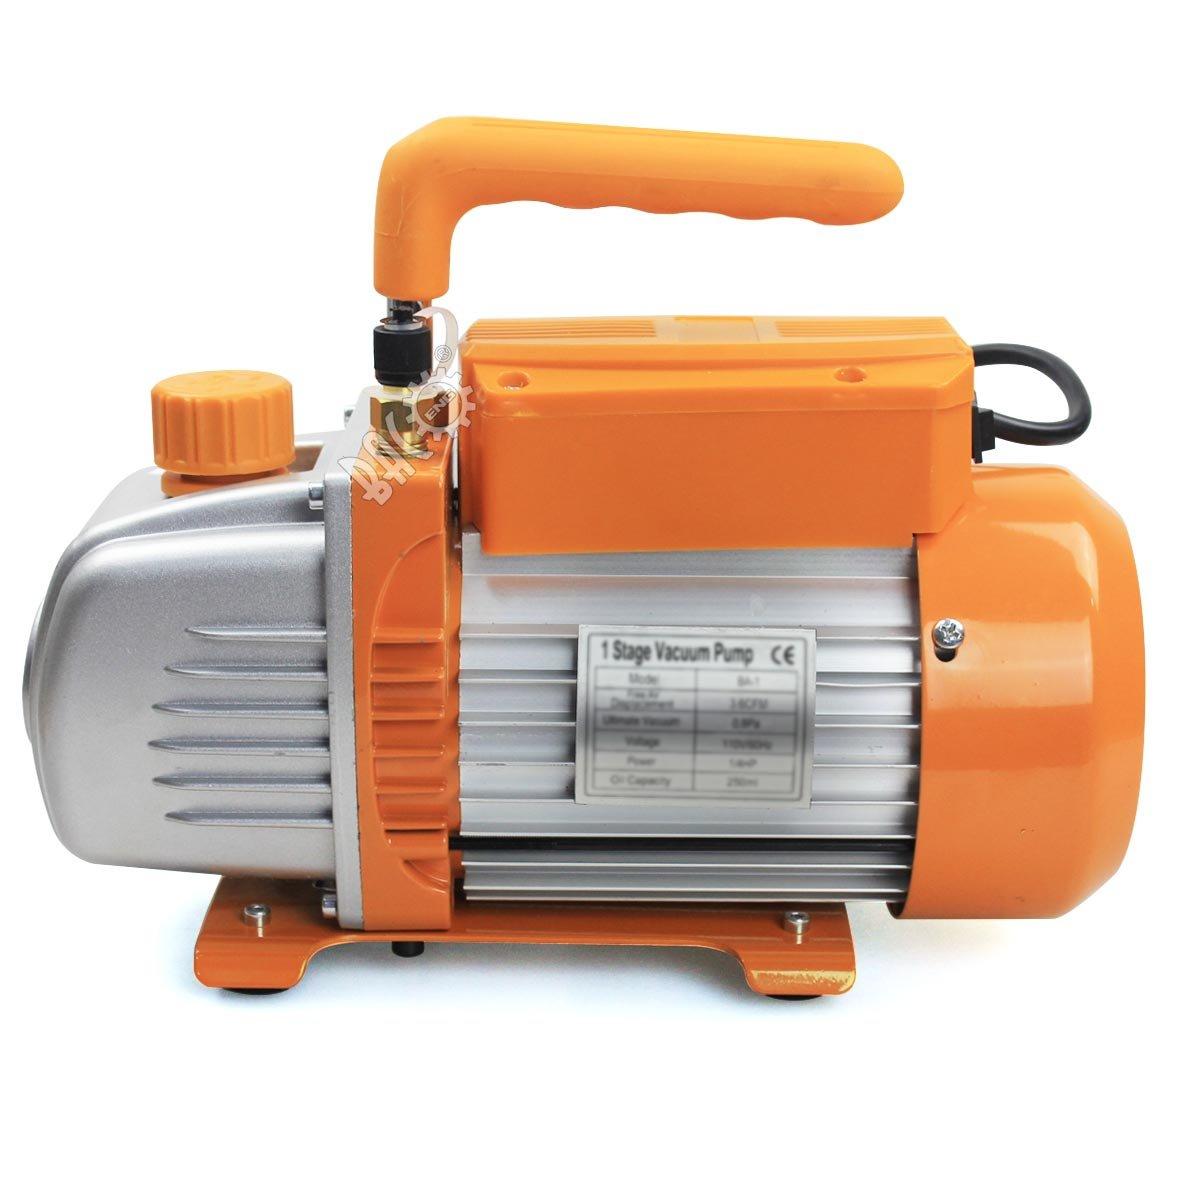 BACOENG 12L Vakuumkammer mit 85L//Min Einstufige Vakuumpumpe Unterdruckpumpe mit Manometer HVAC